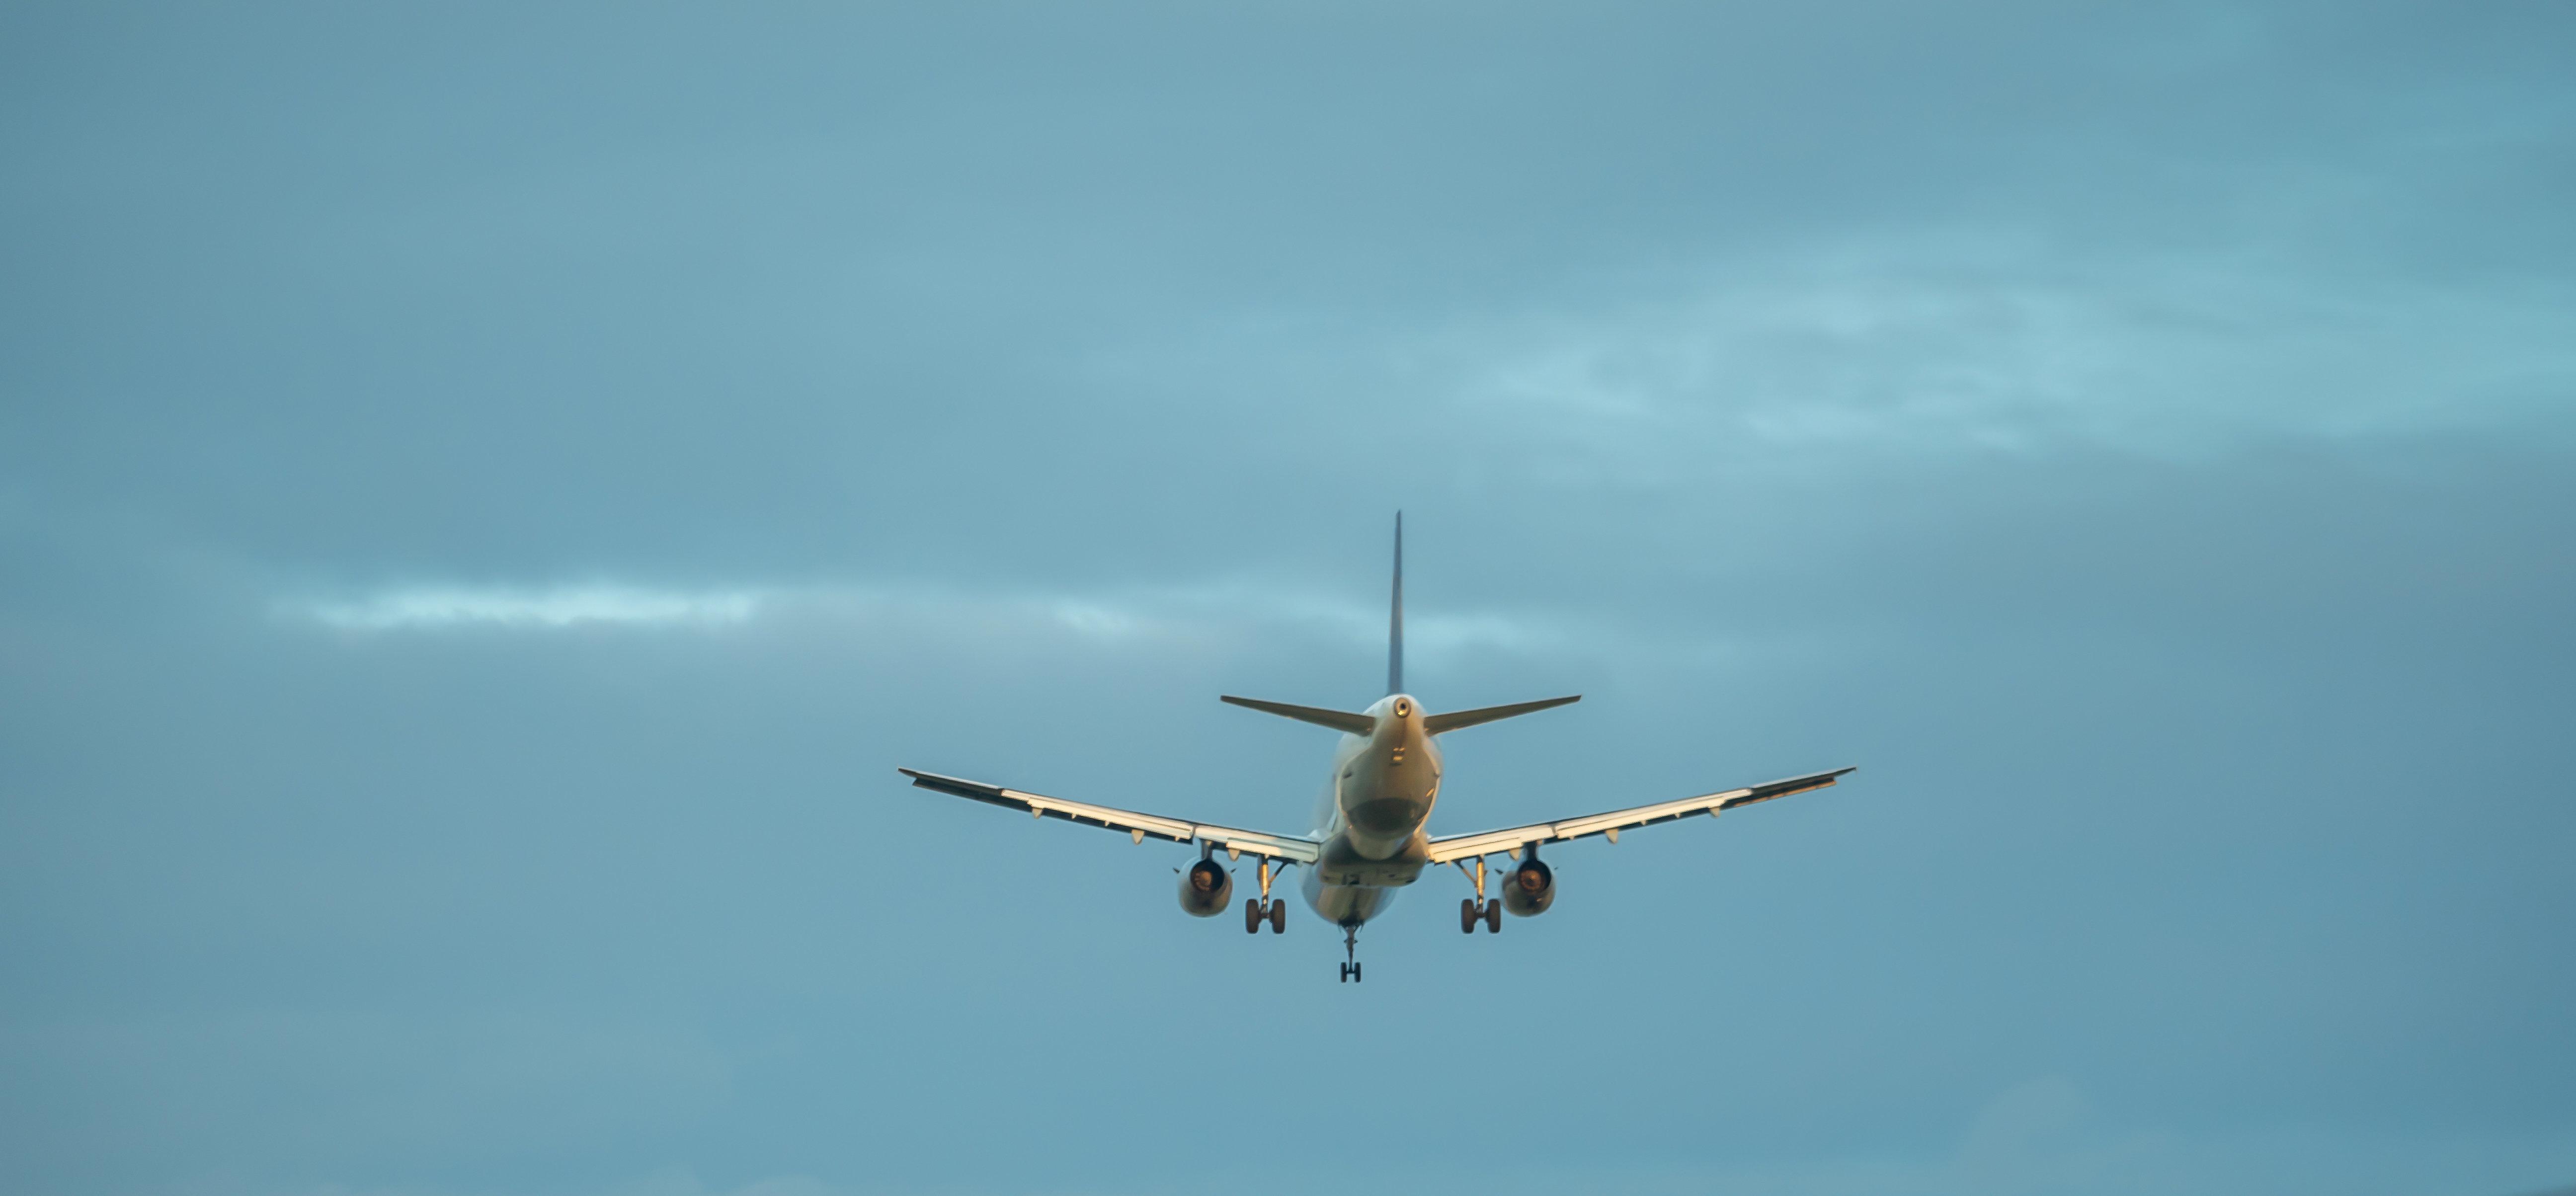 Δύο αεροσκάφη συγκρούστηκαν στον αέρα στον